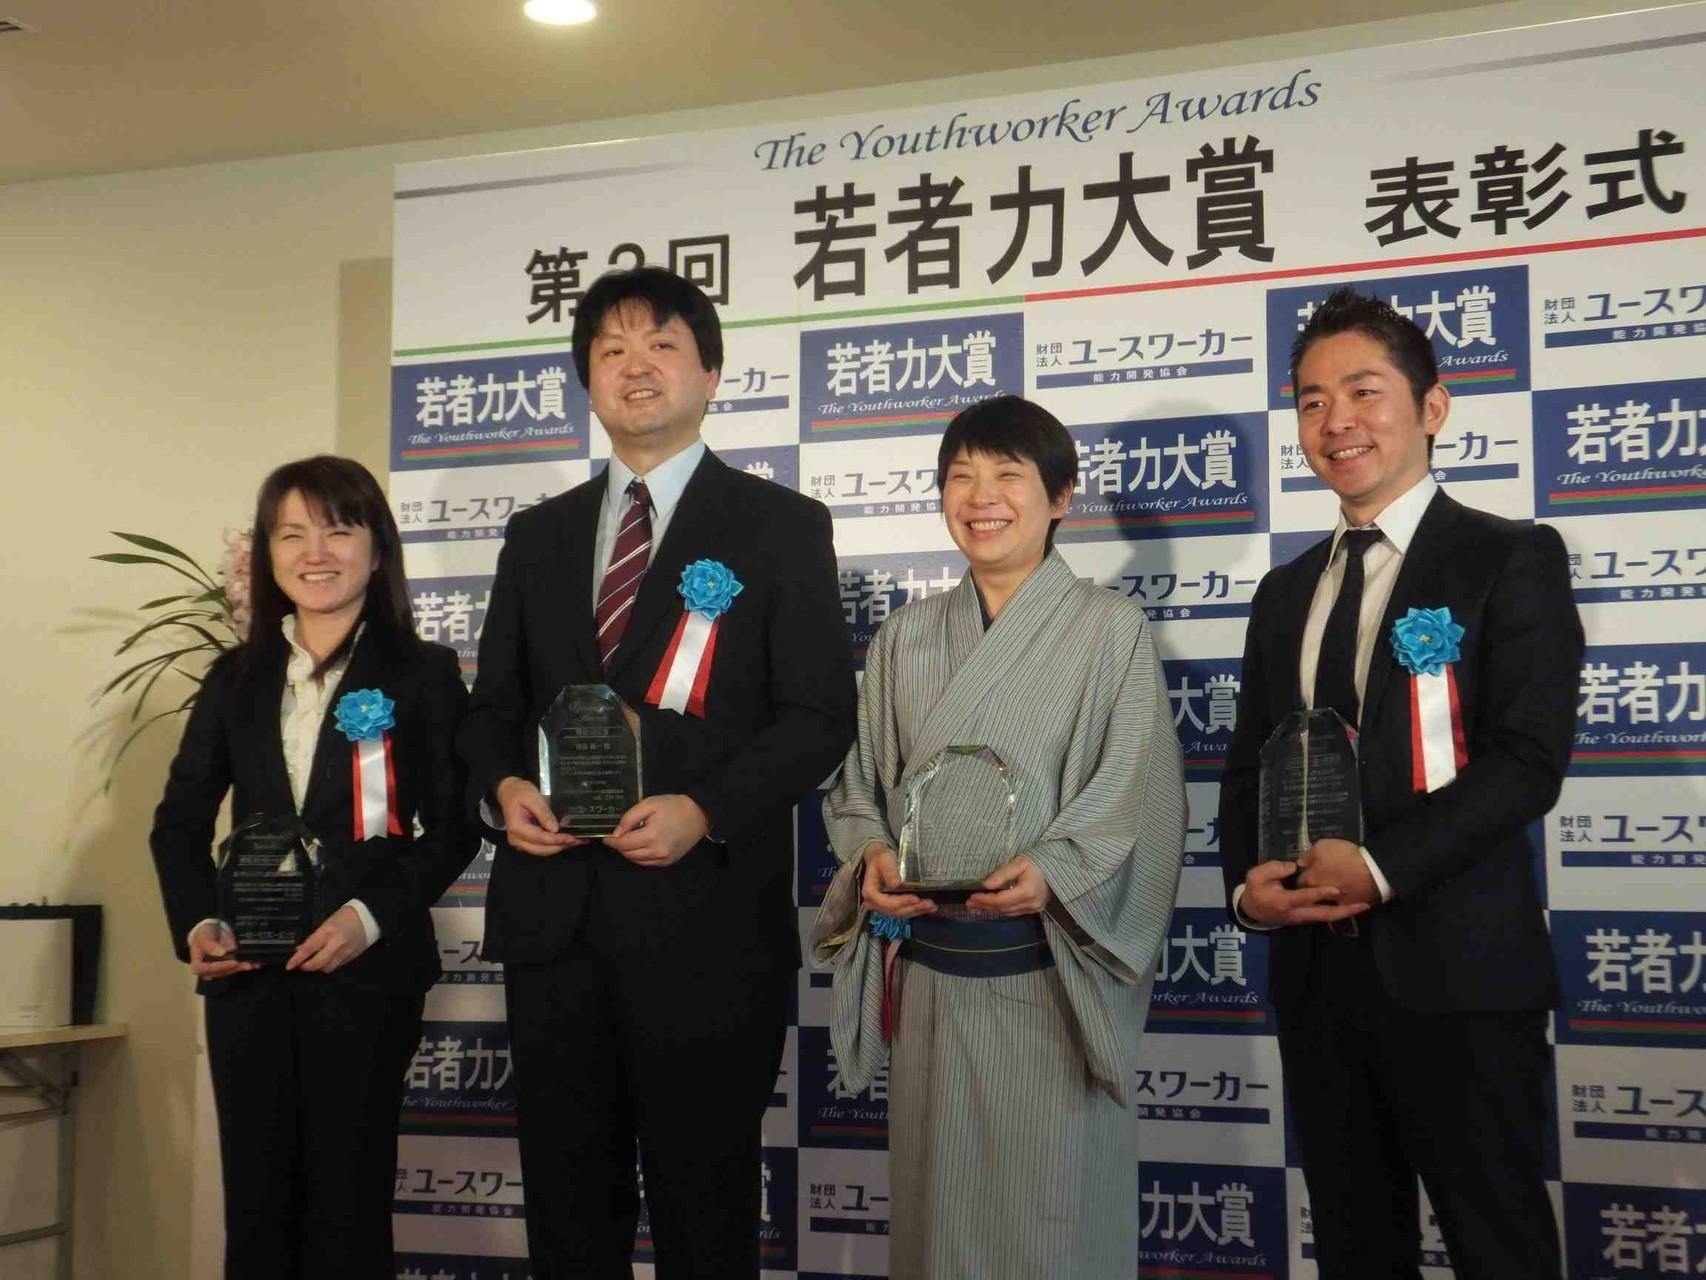 第3回若者力大賞表彰式 2012年1月24日(火)